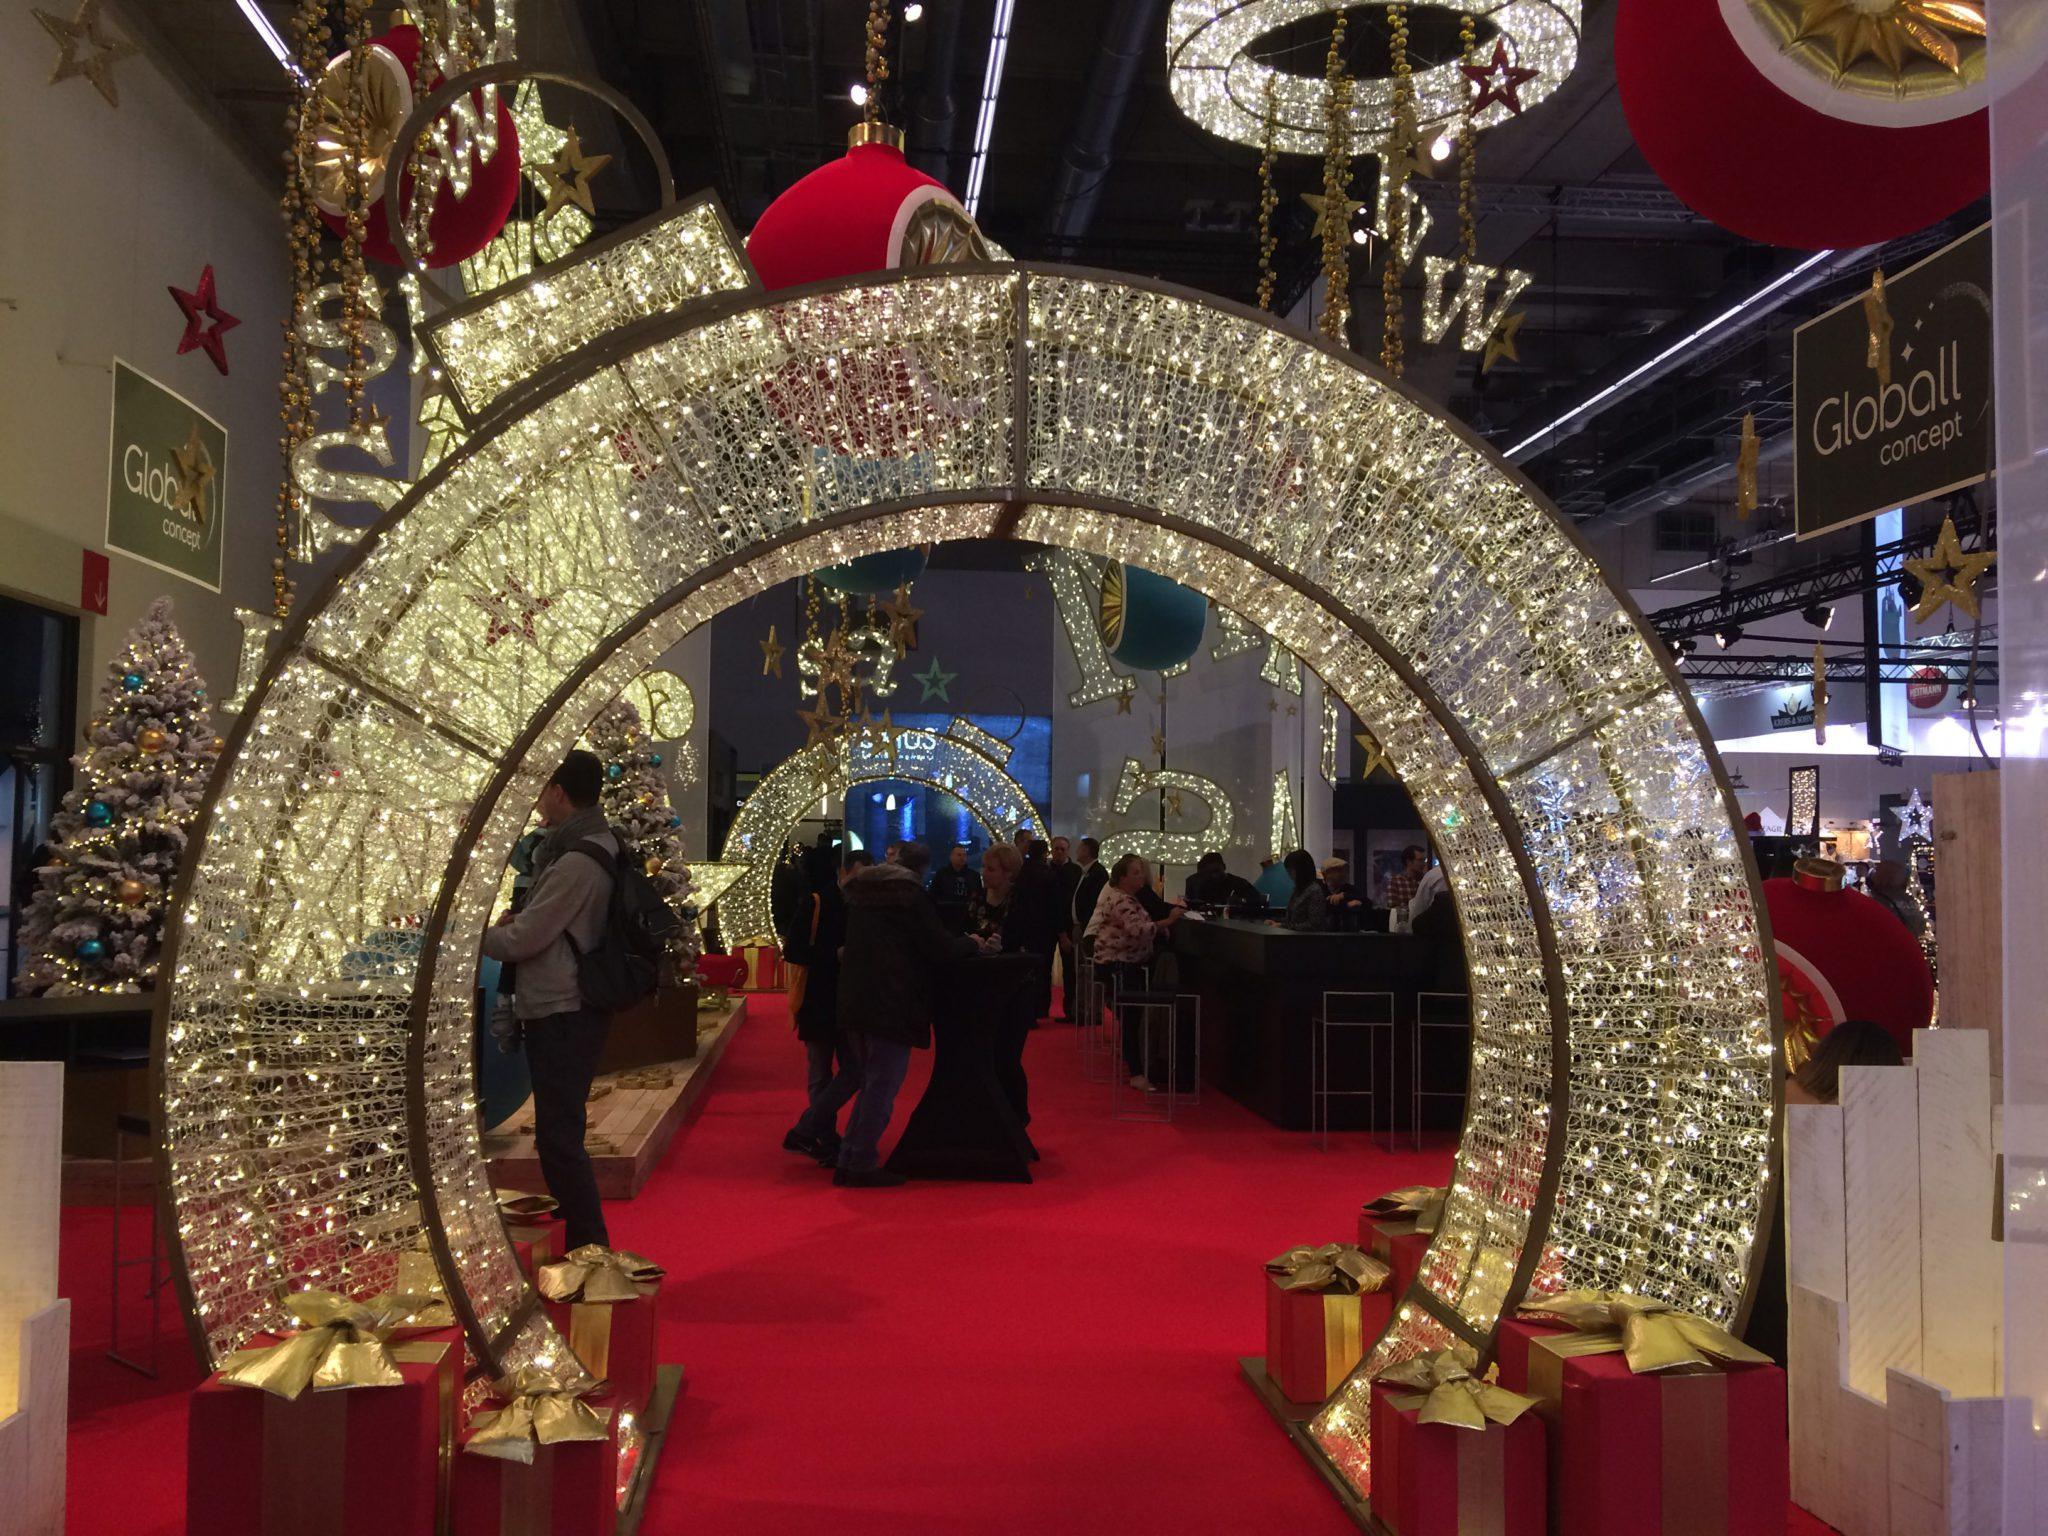 Globall-Concept-ChristmasWorld-Frankfurt-Jan1814 Globall Concept ChristmasWorld Frankfurt Jan18